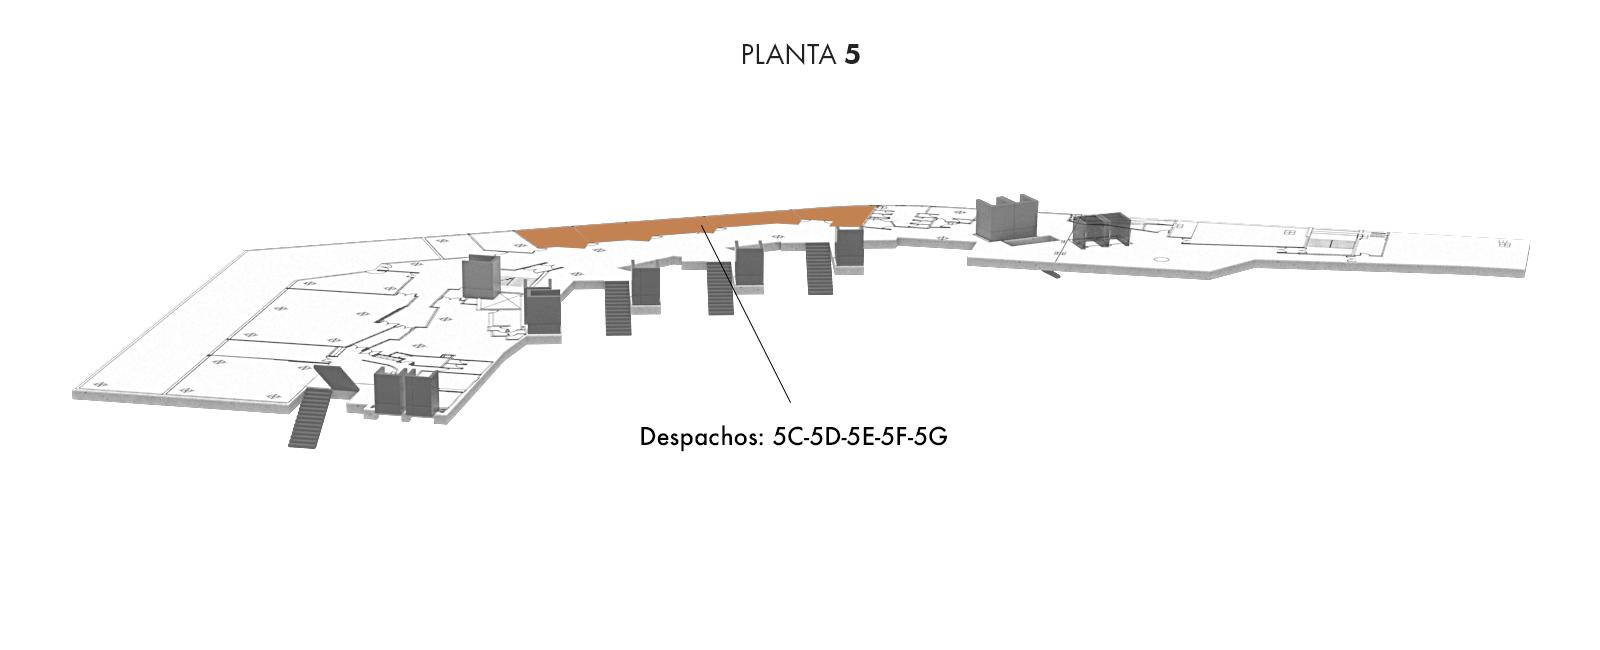 Despachos: 5C-5D-5E-5F-5G, Planta 5 | Palacio Euskalduna Jauregia